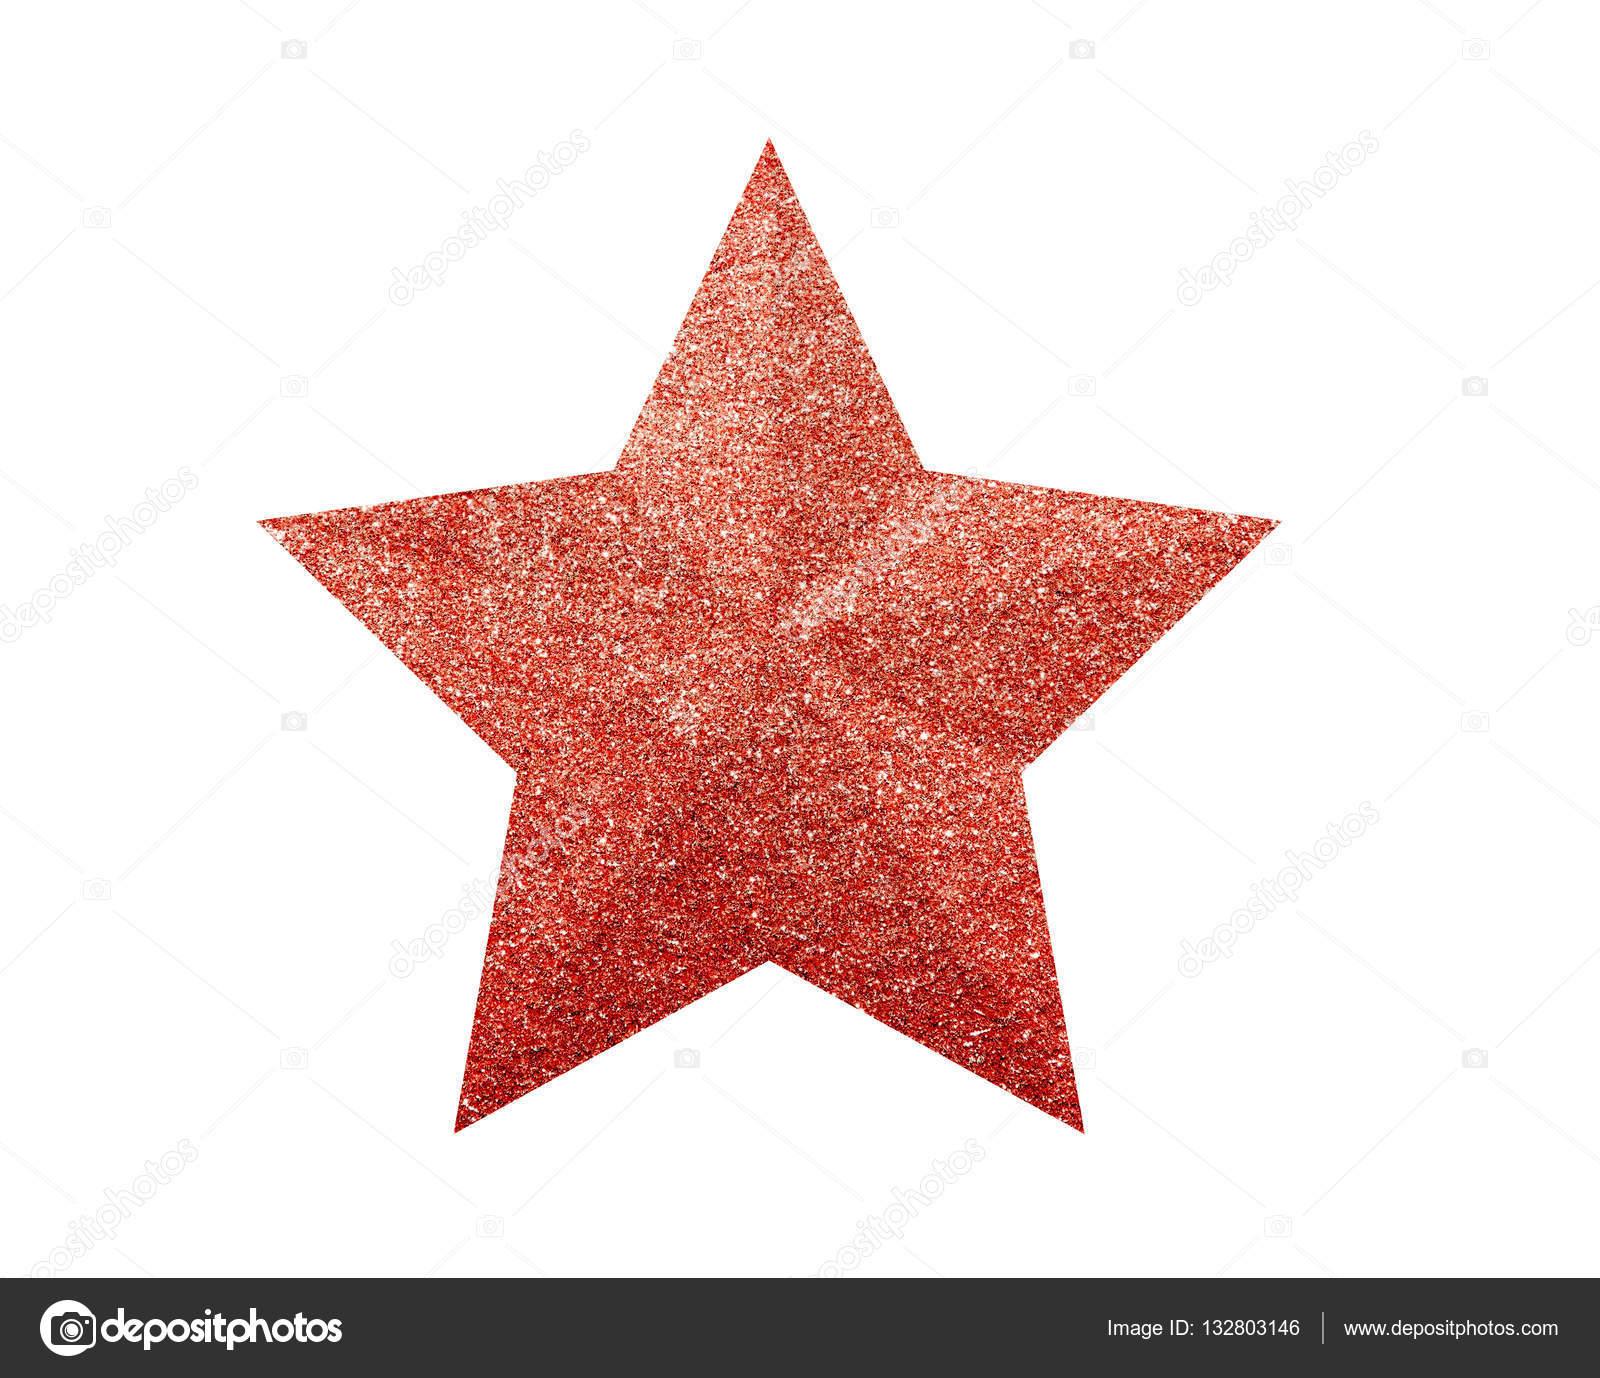 Immagini Stella Di Natale Glitter.Stella Di Natale Glitter Rosso Isolato Su Sfondo Bianco